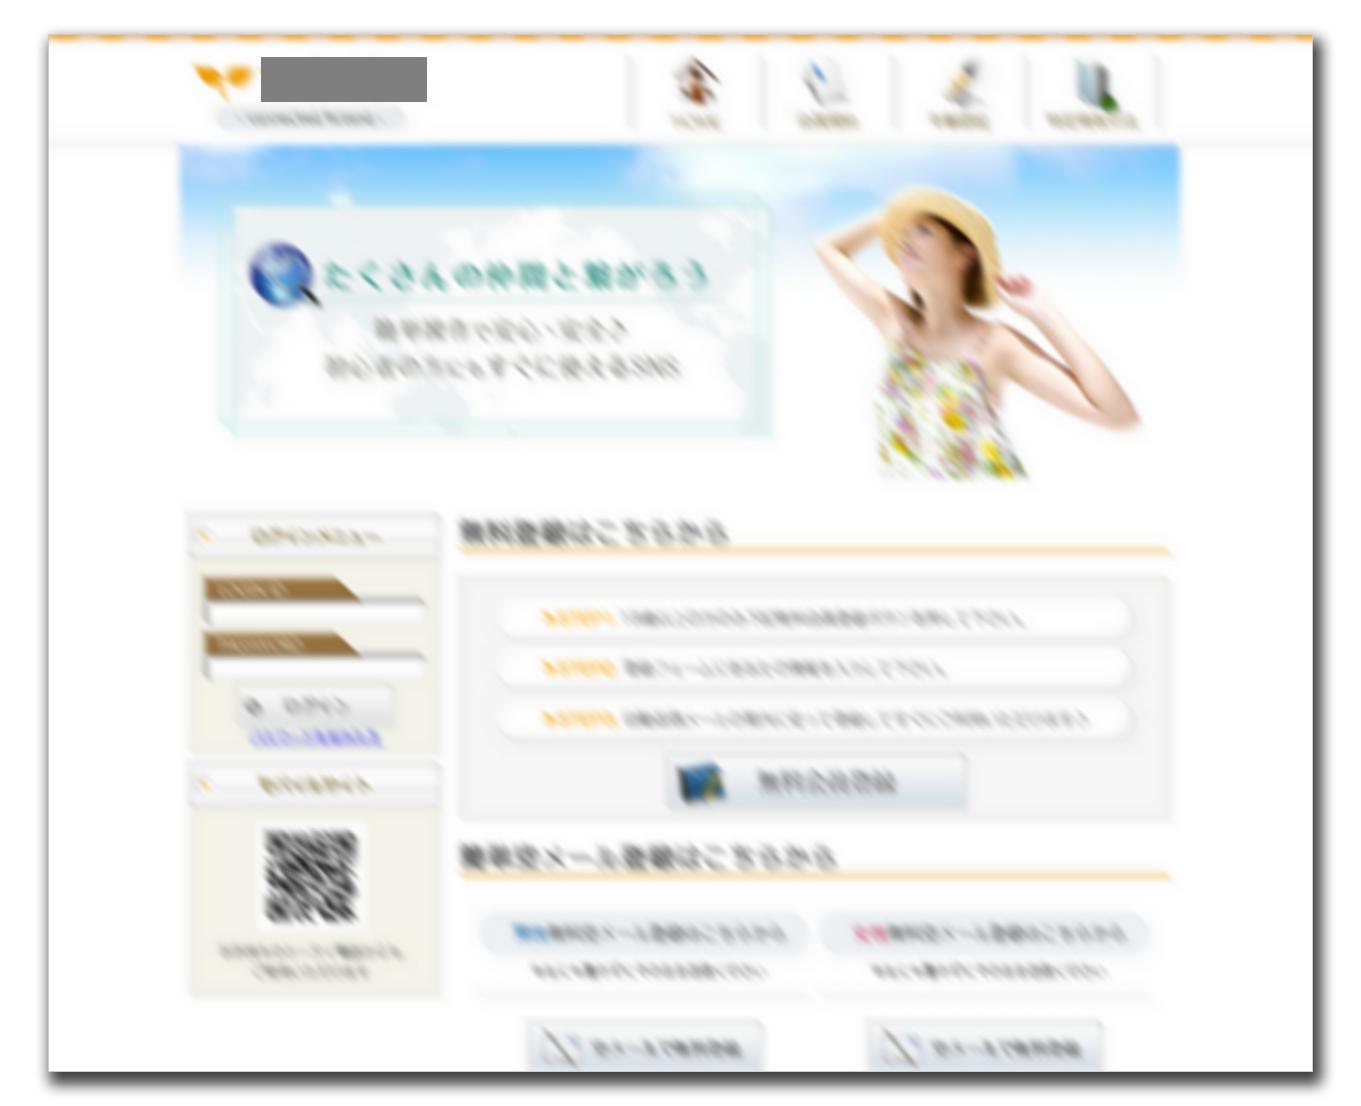 図8:「tu<省略>gl.jp」ページ